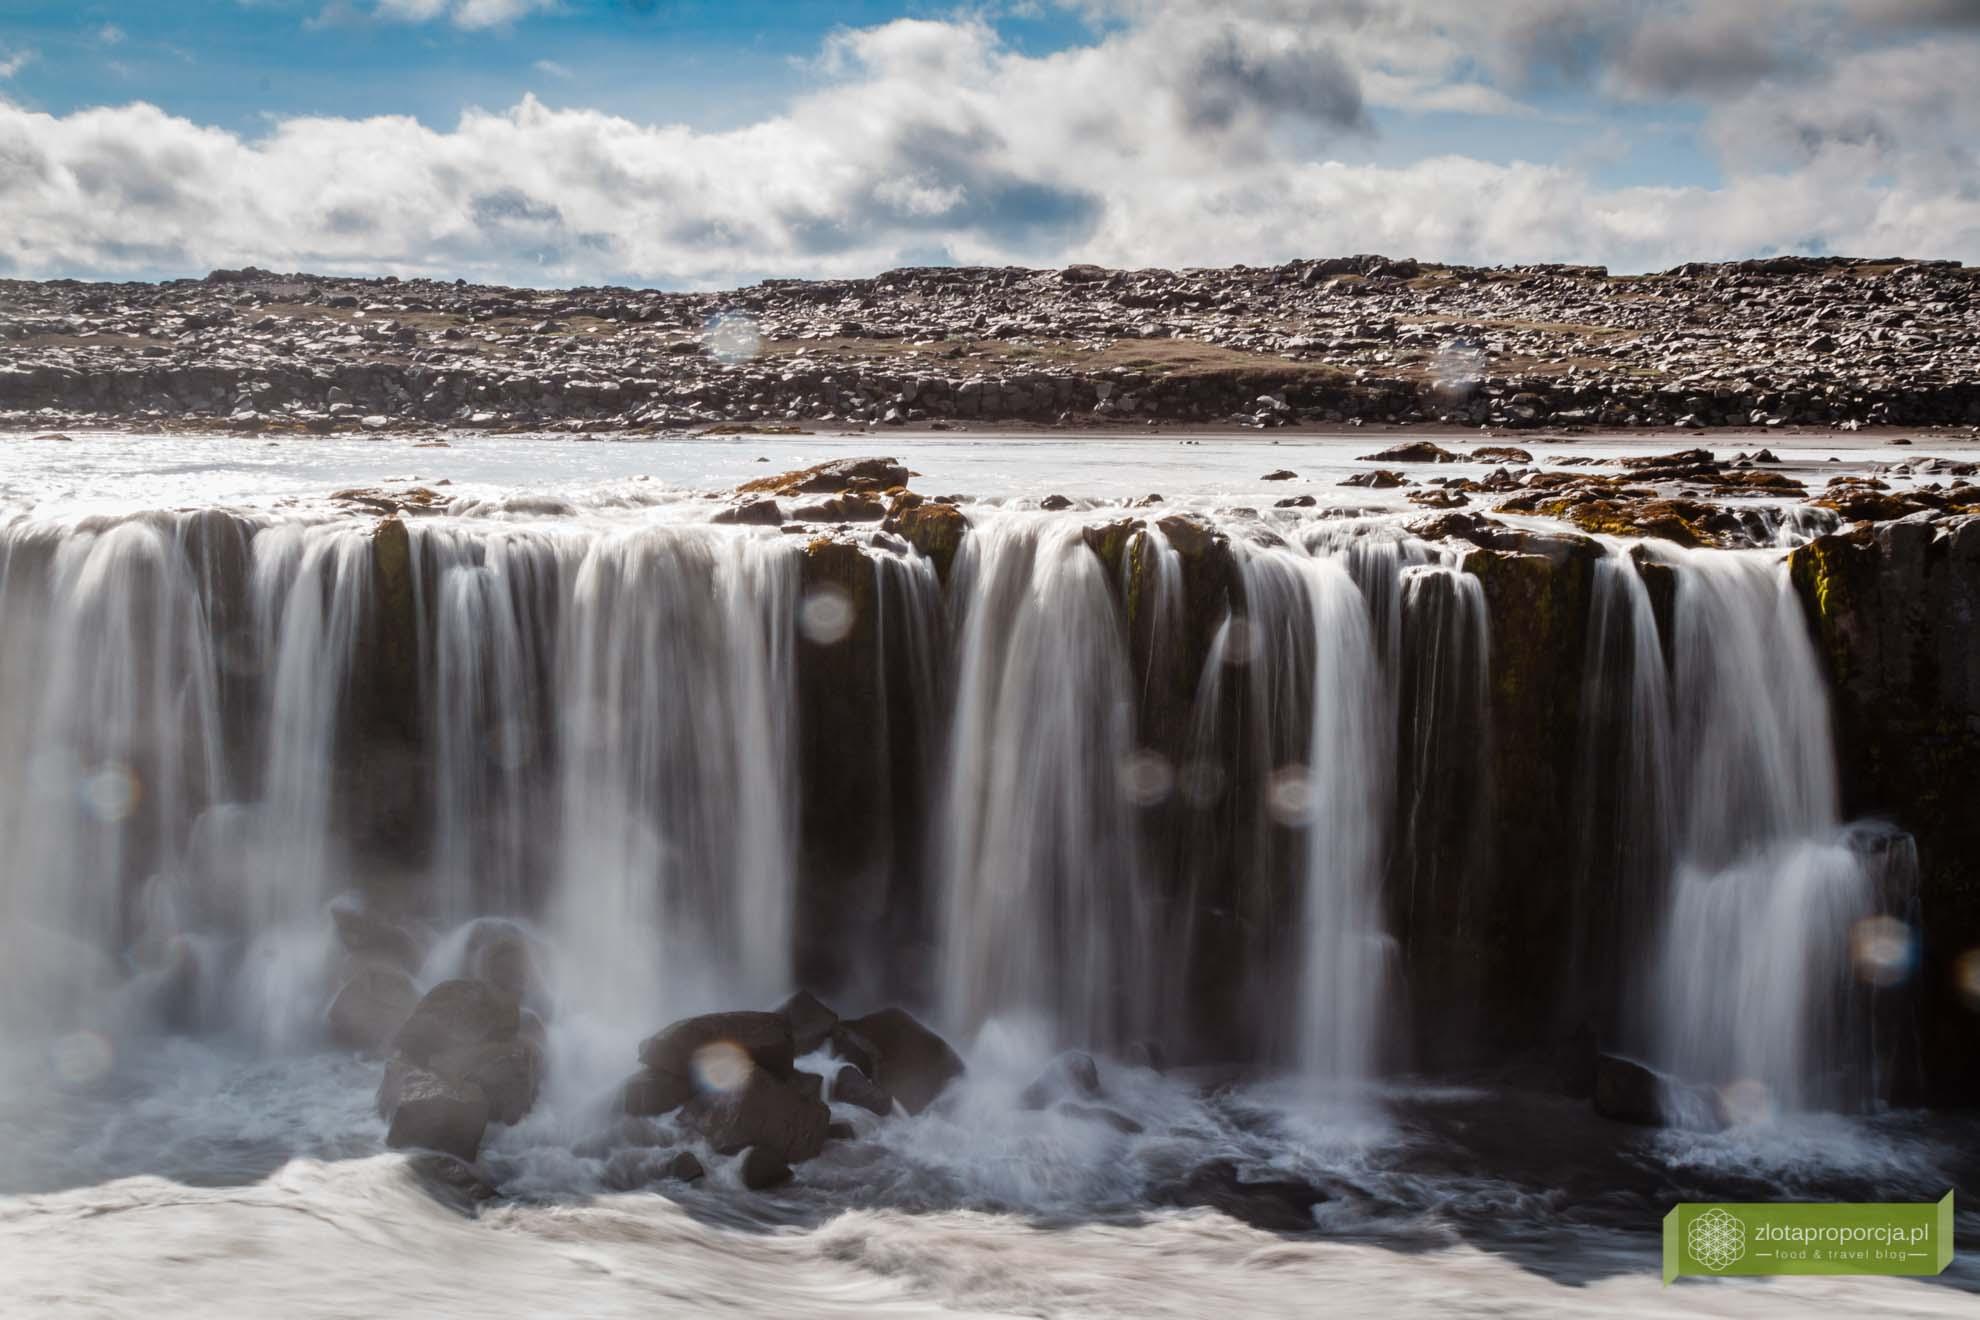 wodospad Dettifoss,Islandia, Islandia atrakcje, wodospady na Islandii, Islandia ciekawe miejsca; Wodospad Selfoss;